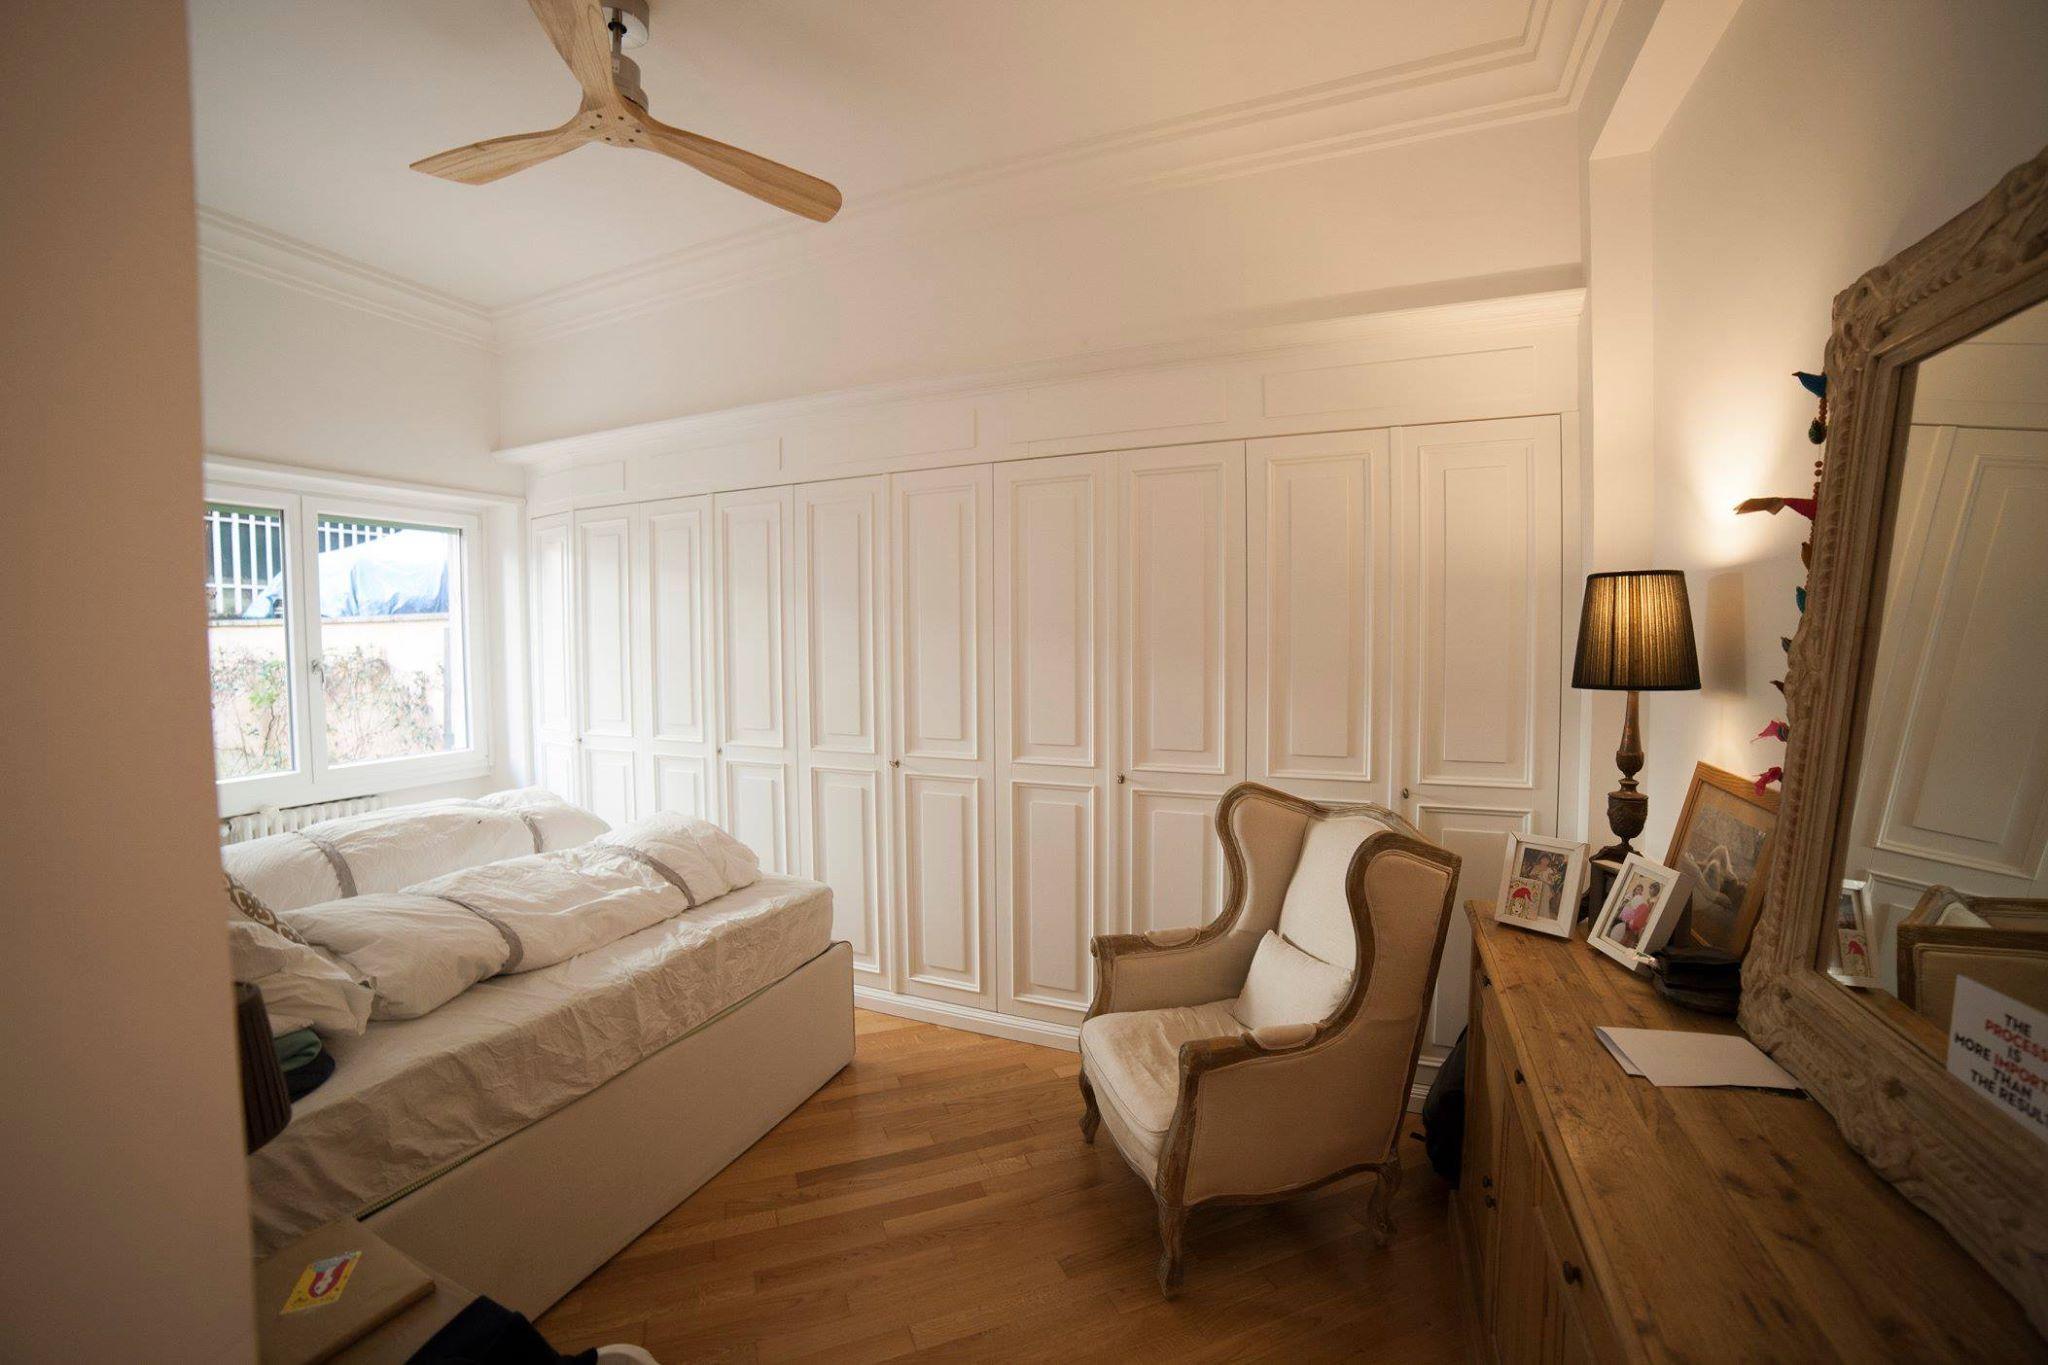 Armadi Per Camera Da Letto Su Misura : Armadio per camera da letto realizzato in legno di toulipier su